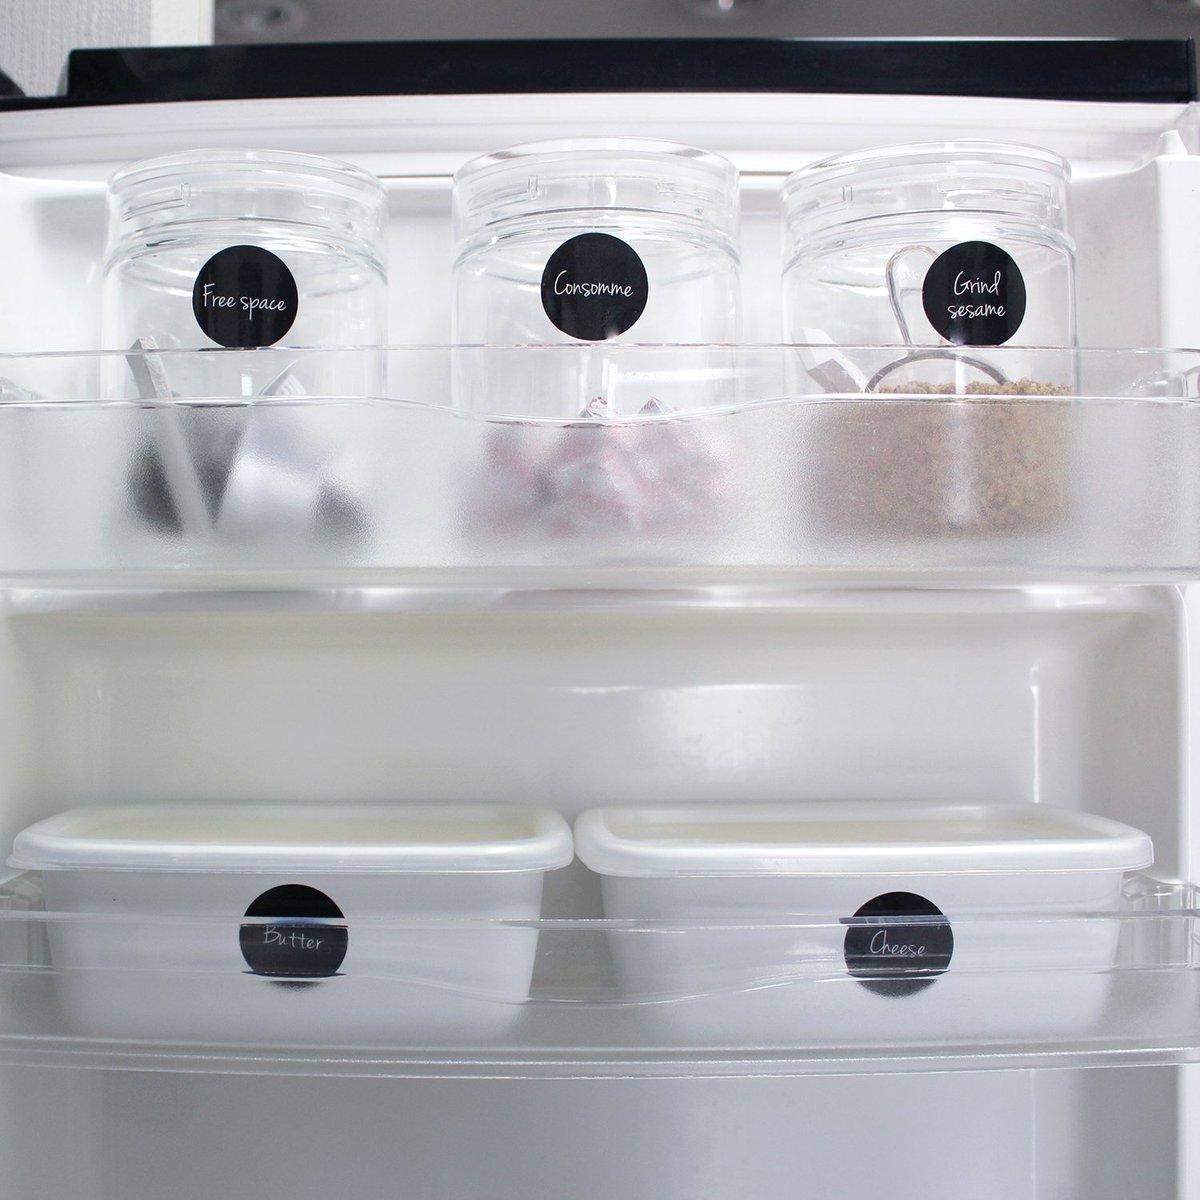 test ツイッターメディア - キャン★ドゥさんとのコラボ商品、発売中!  【冷蔵庫のドアポケットの収納】  キャン★ドゥコラボのラベルステッカー(キッチン) 我が家の活用例とスッキリ見せるアイデア  https://t.co/fMcW9yzhJP  #cando #キャンドゥ #収納 https://t.co/KBdOayfGZE